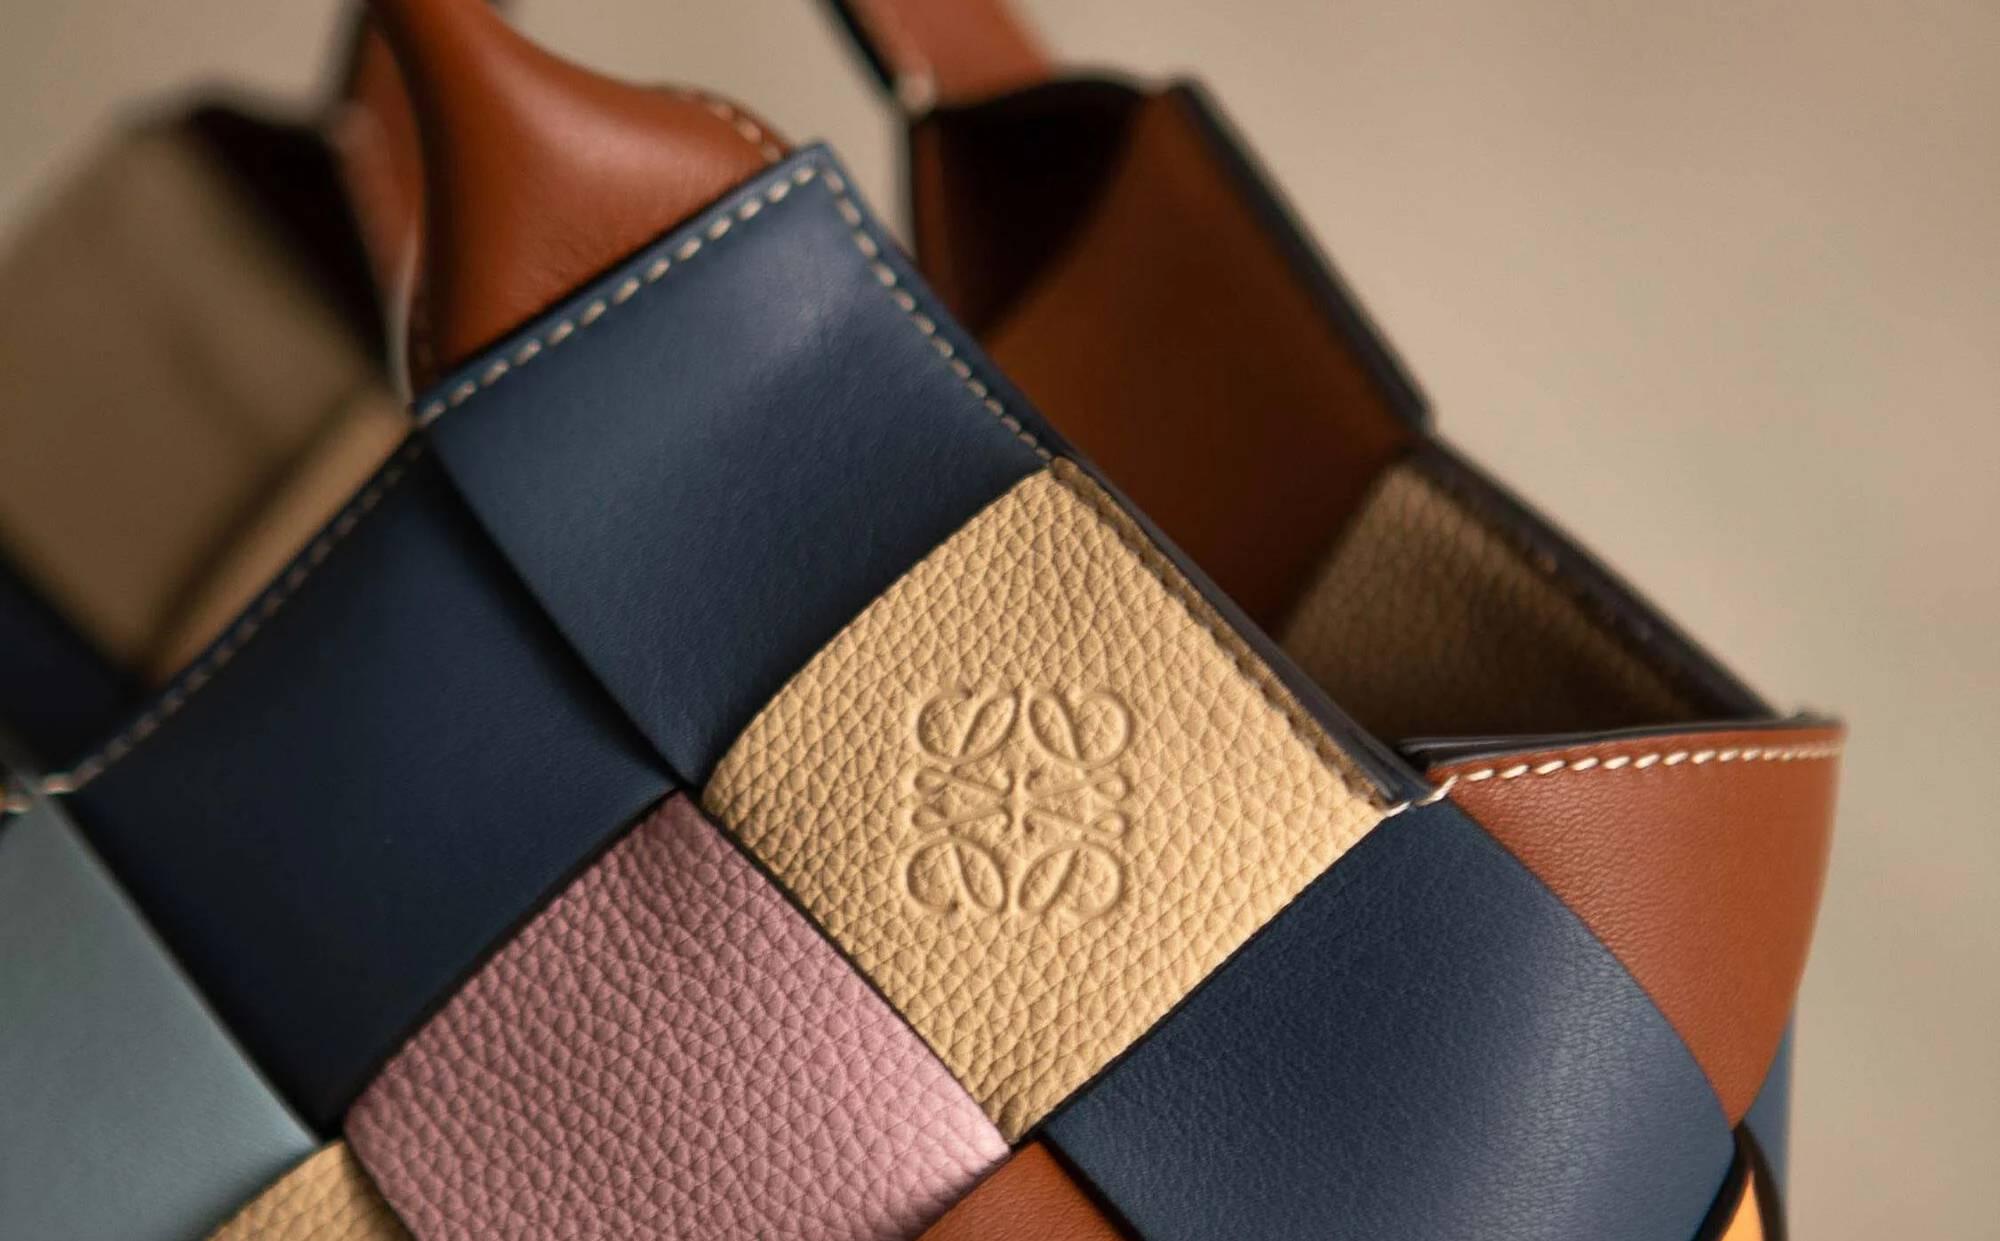 Loewe stellt erste Tasche aus Lederresten vor